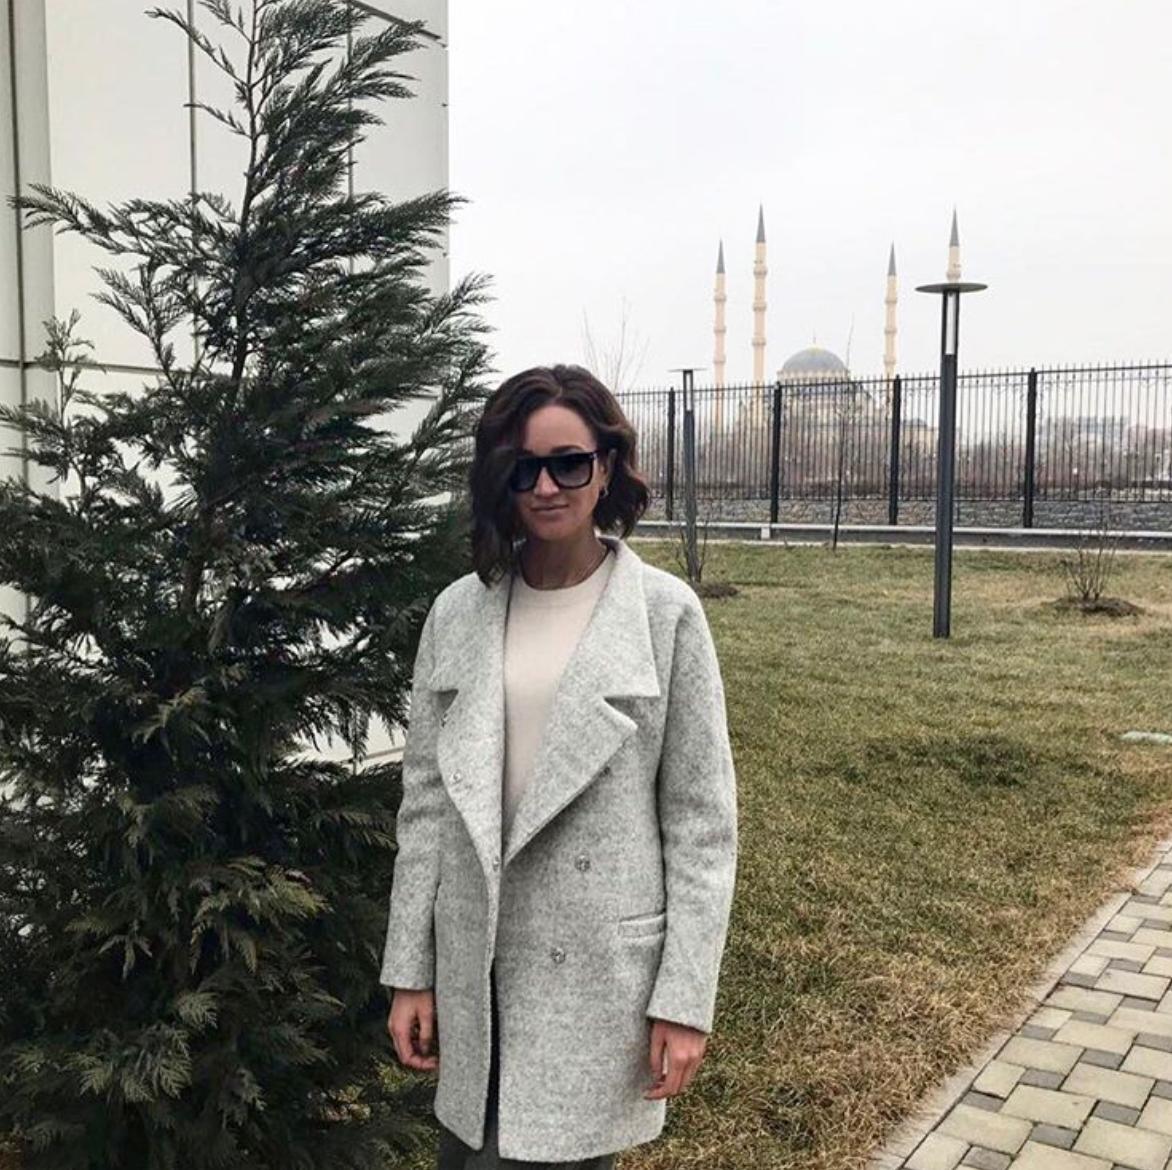 Фигурист Е.Плющенко официально объявит опланах по окончанию карьеры 5апреля